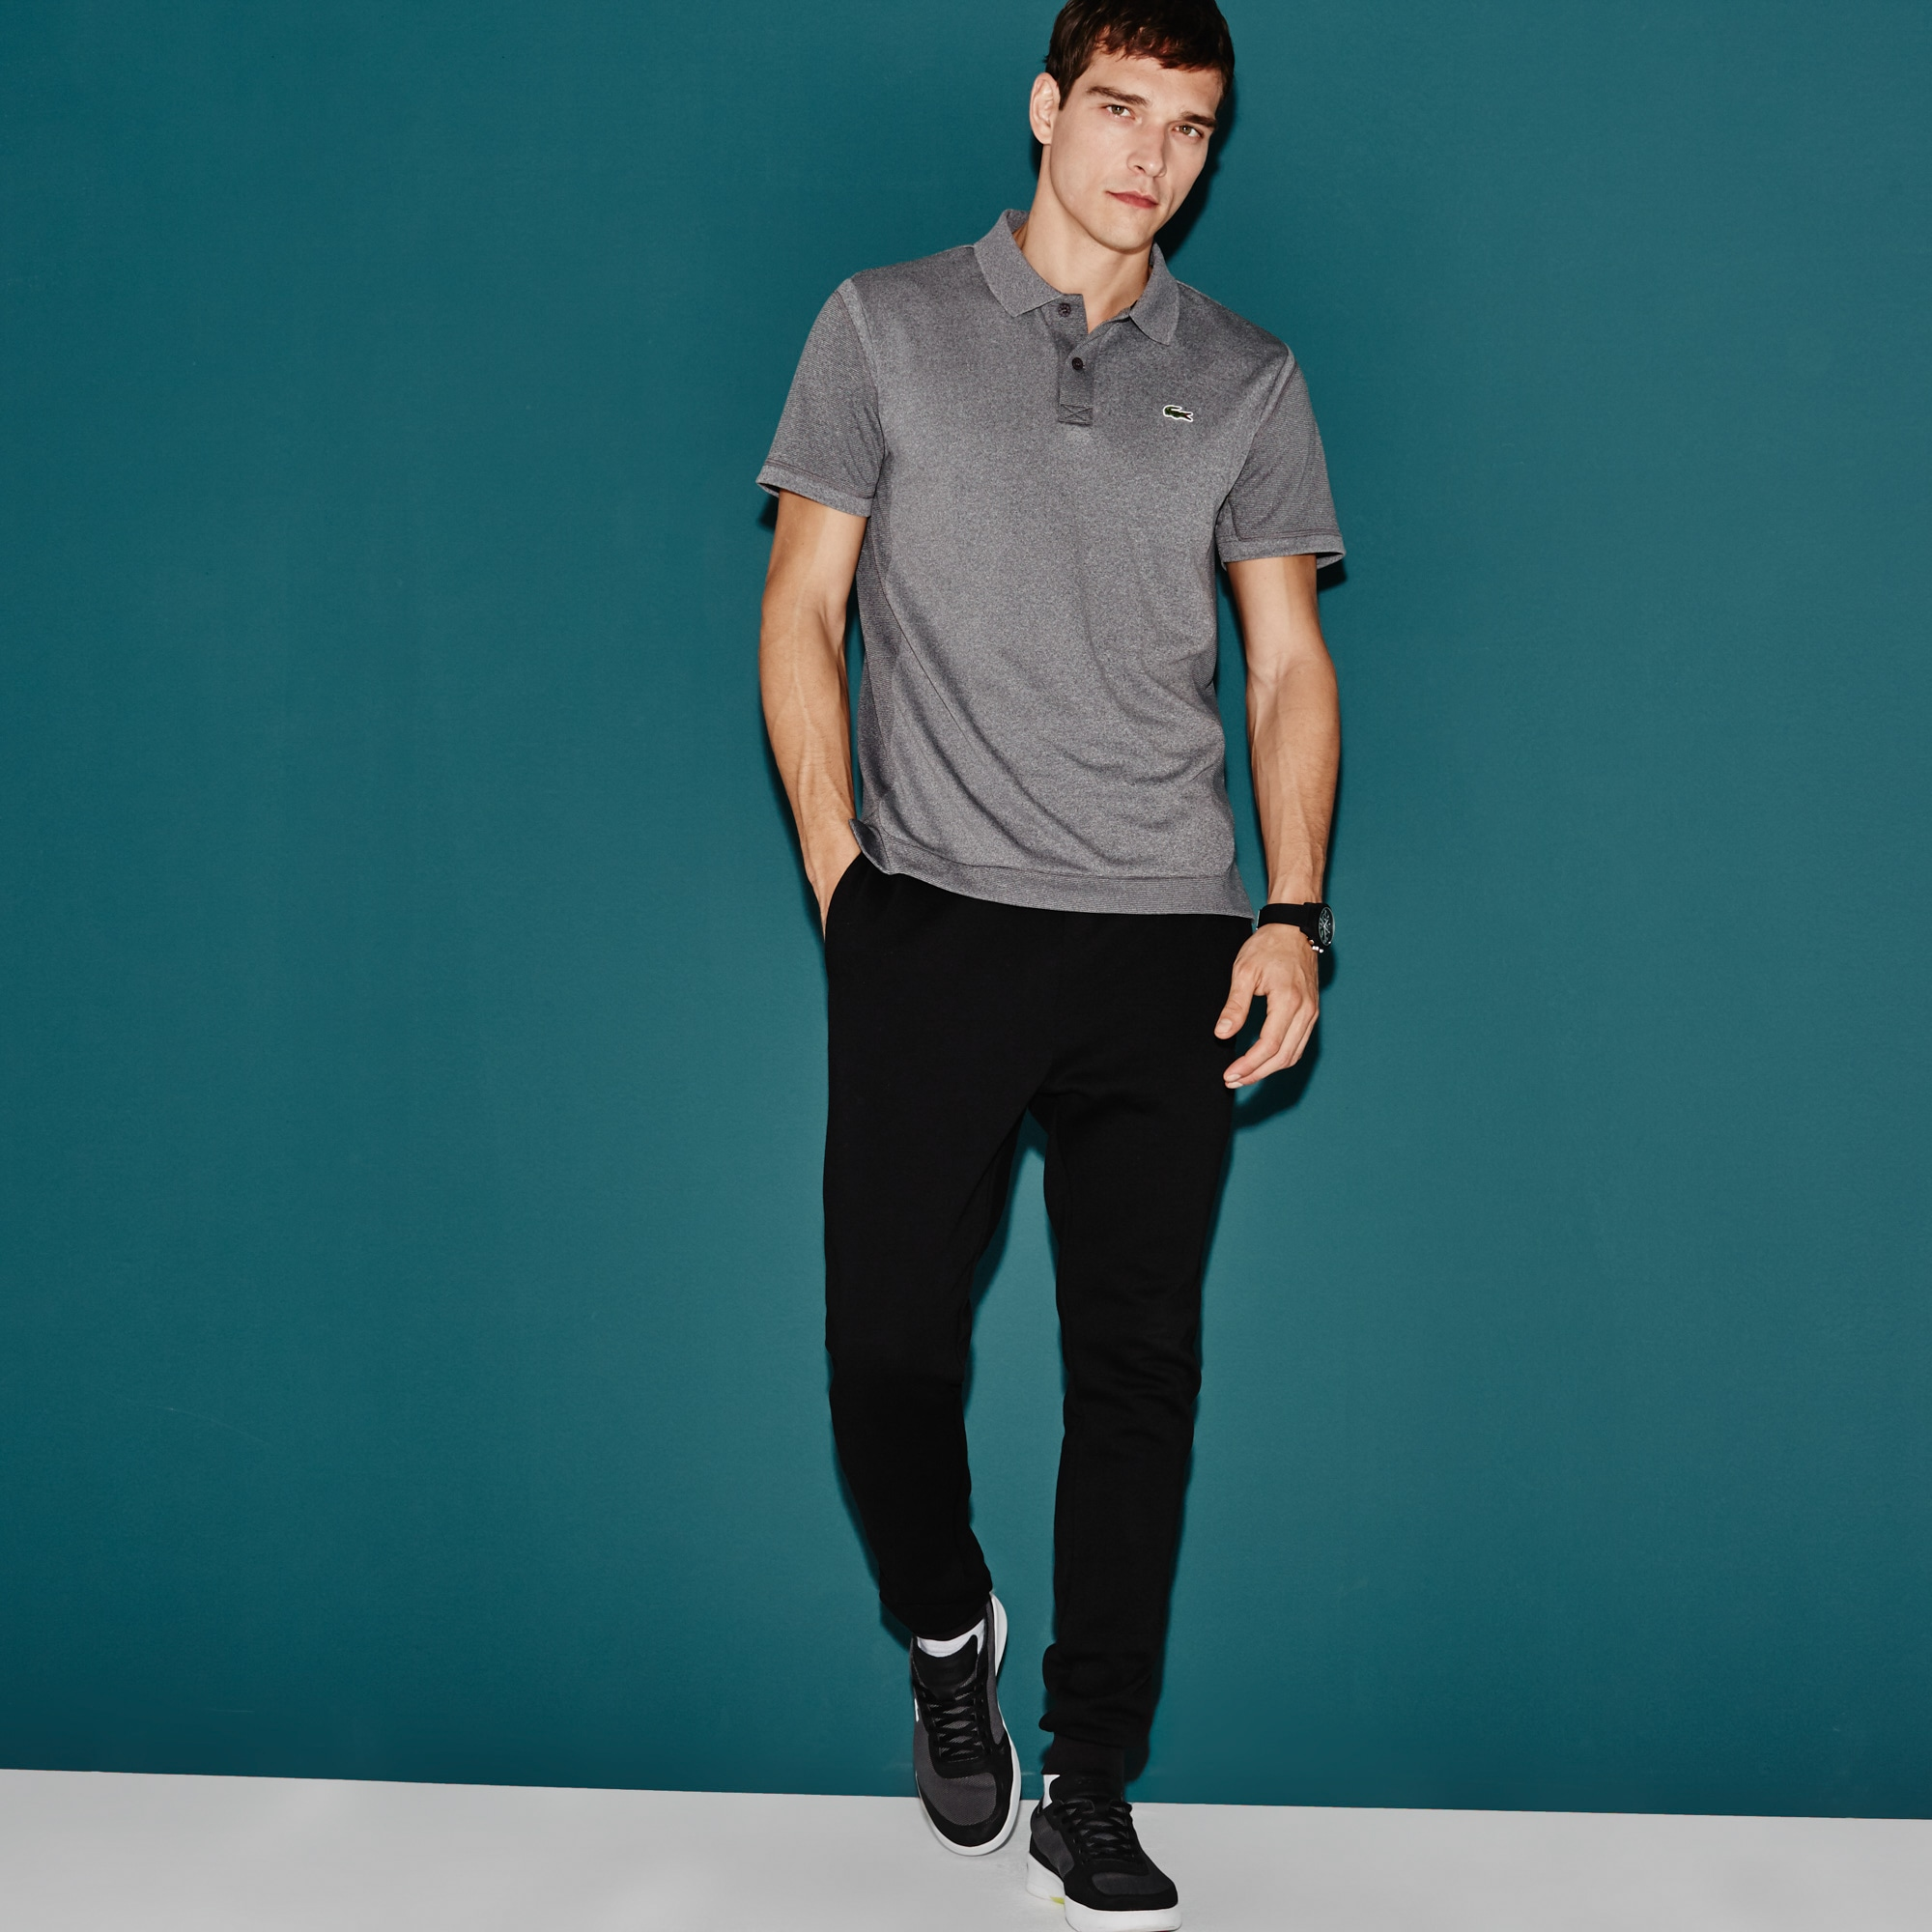 Men's SPORT Lifestyle Tennis Pants